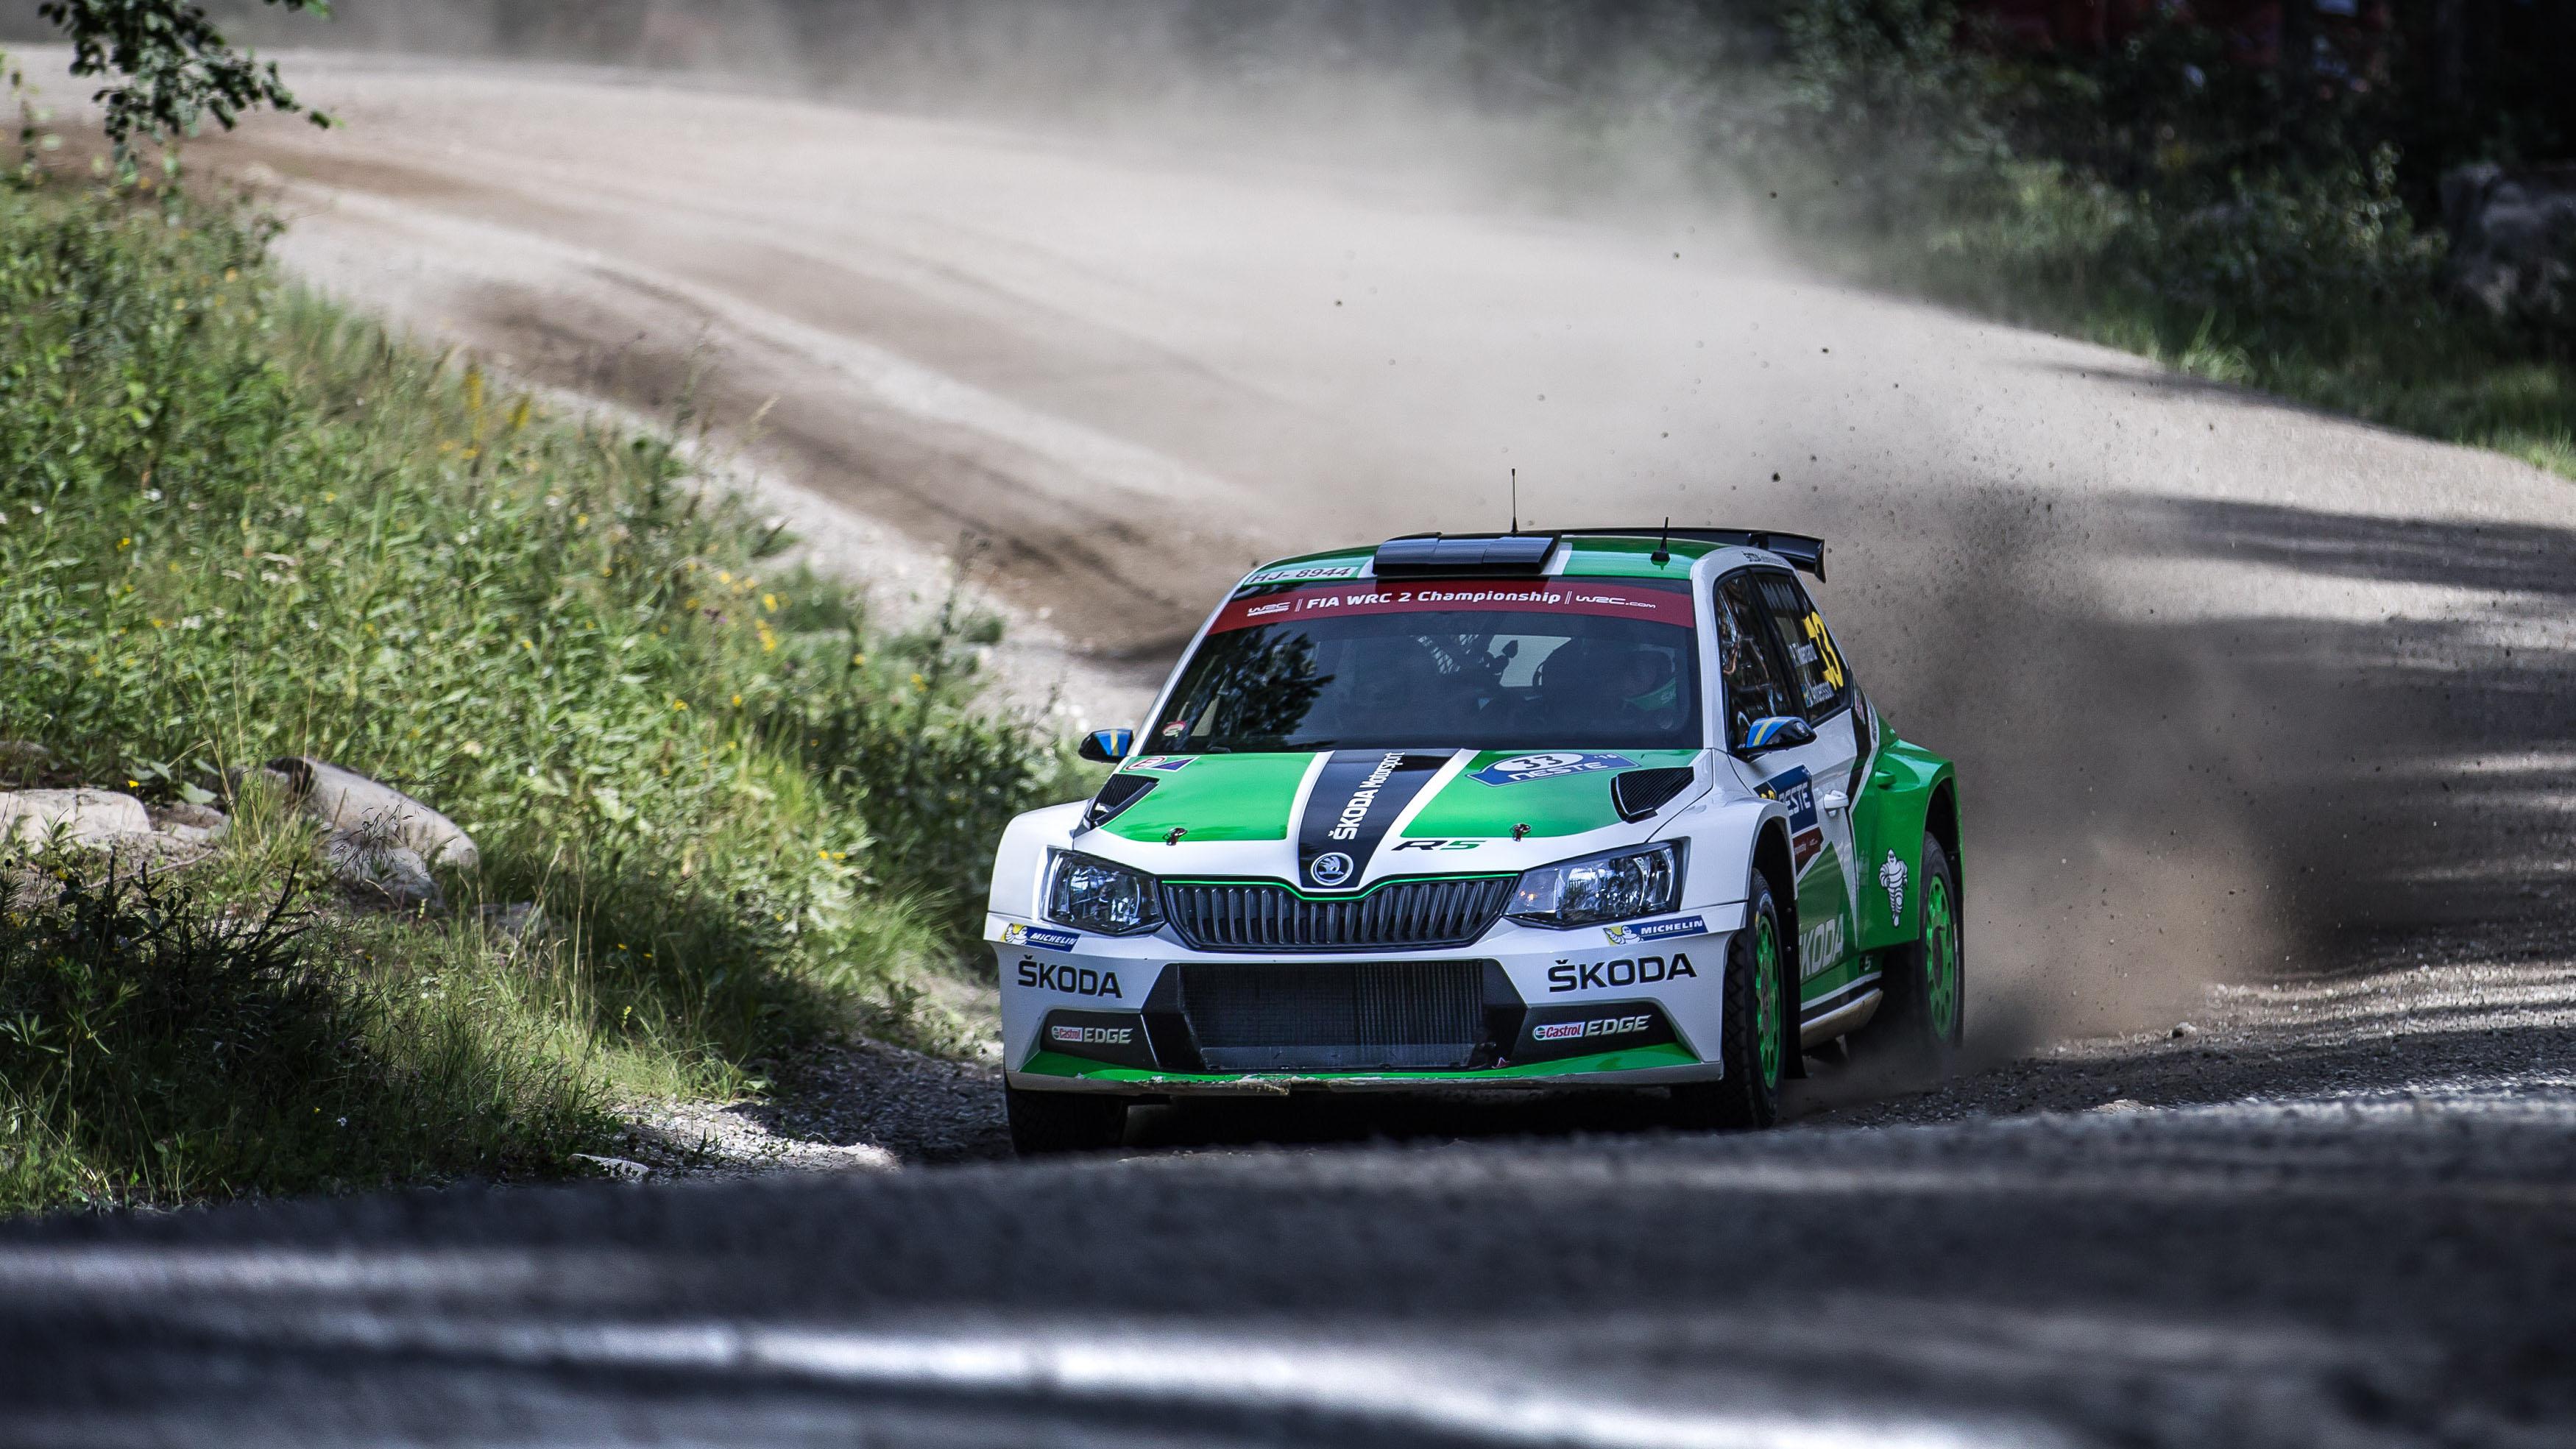 Jak dobře se vyznáte ve finské rallye?